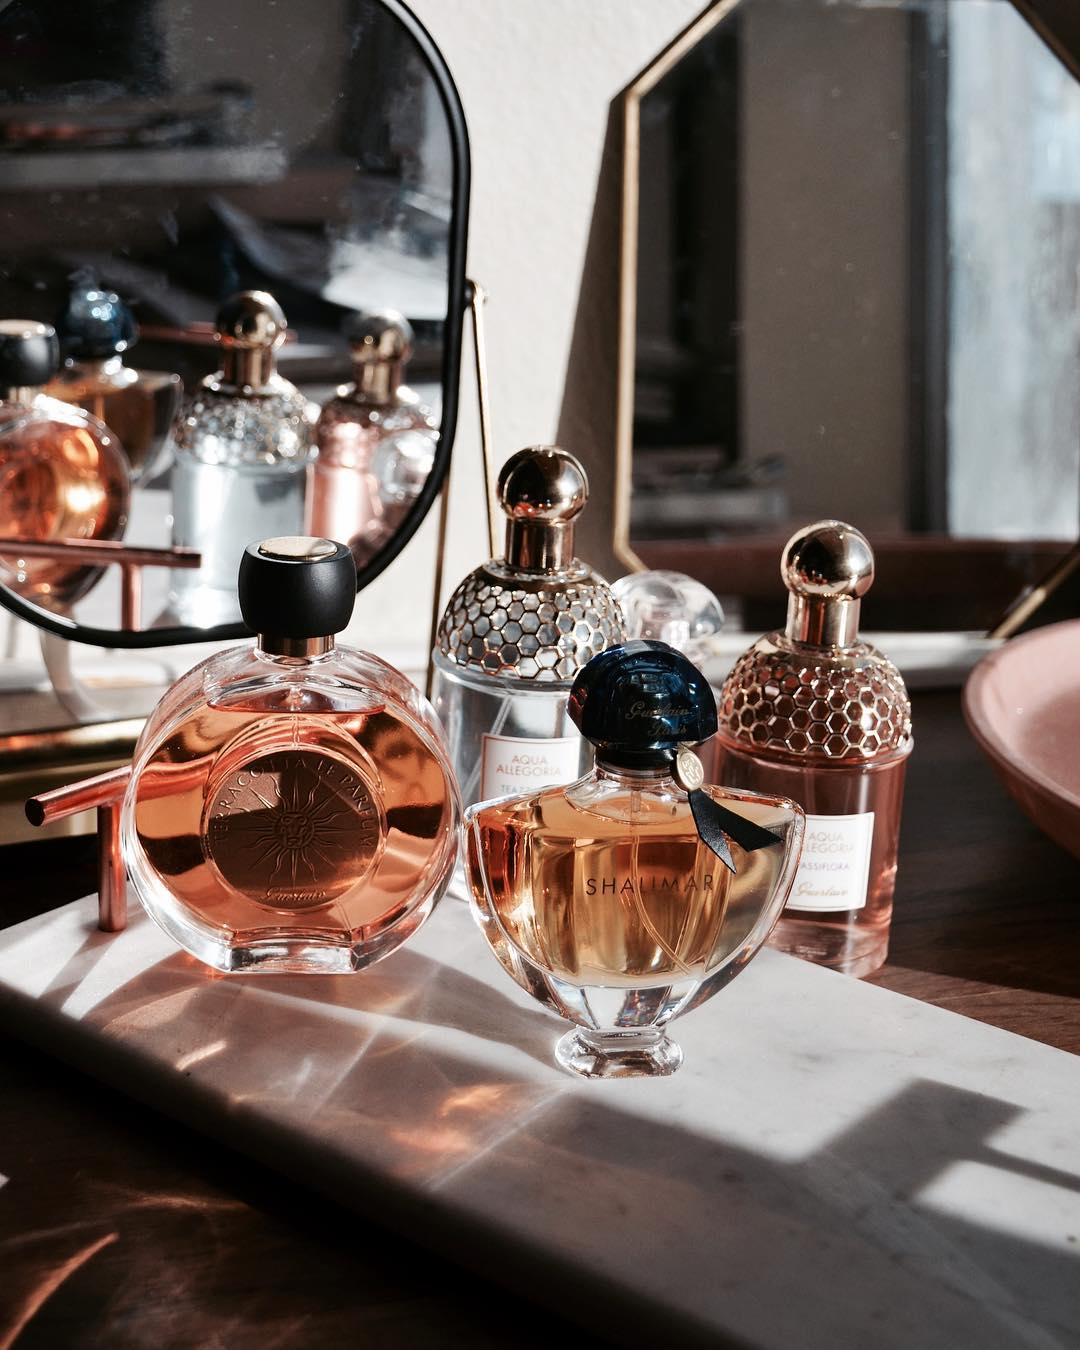 4 mjesta na koja biste trebali stavljati parfem